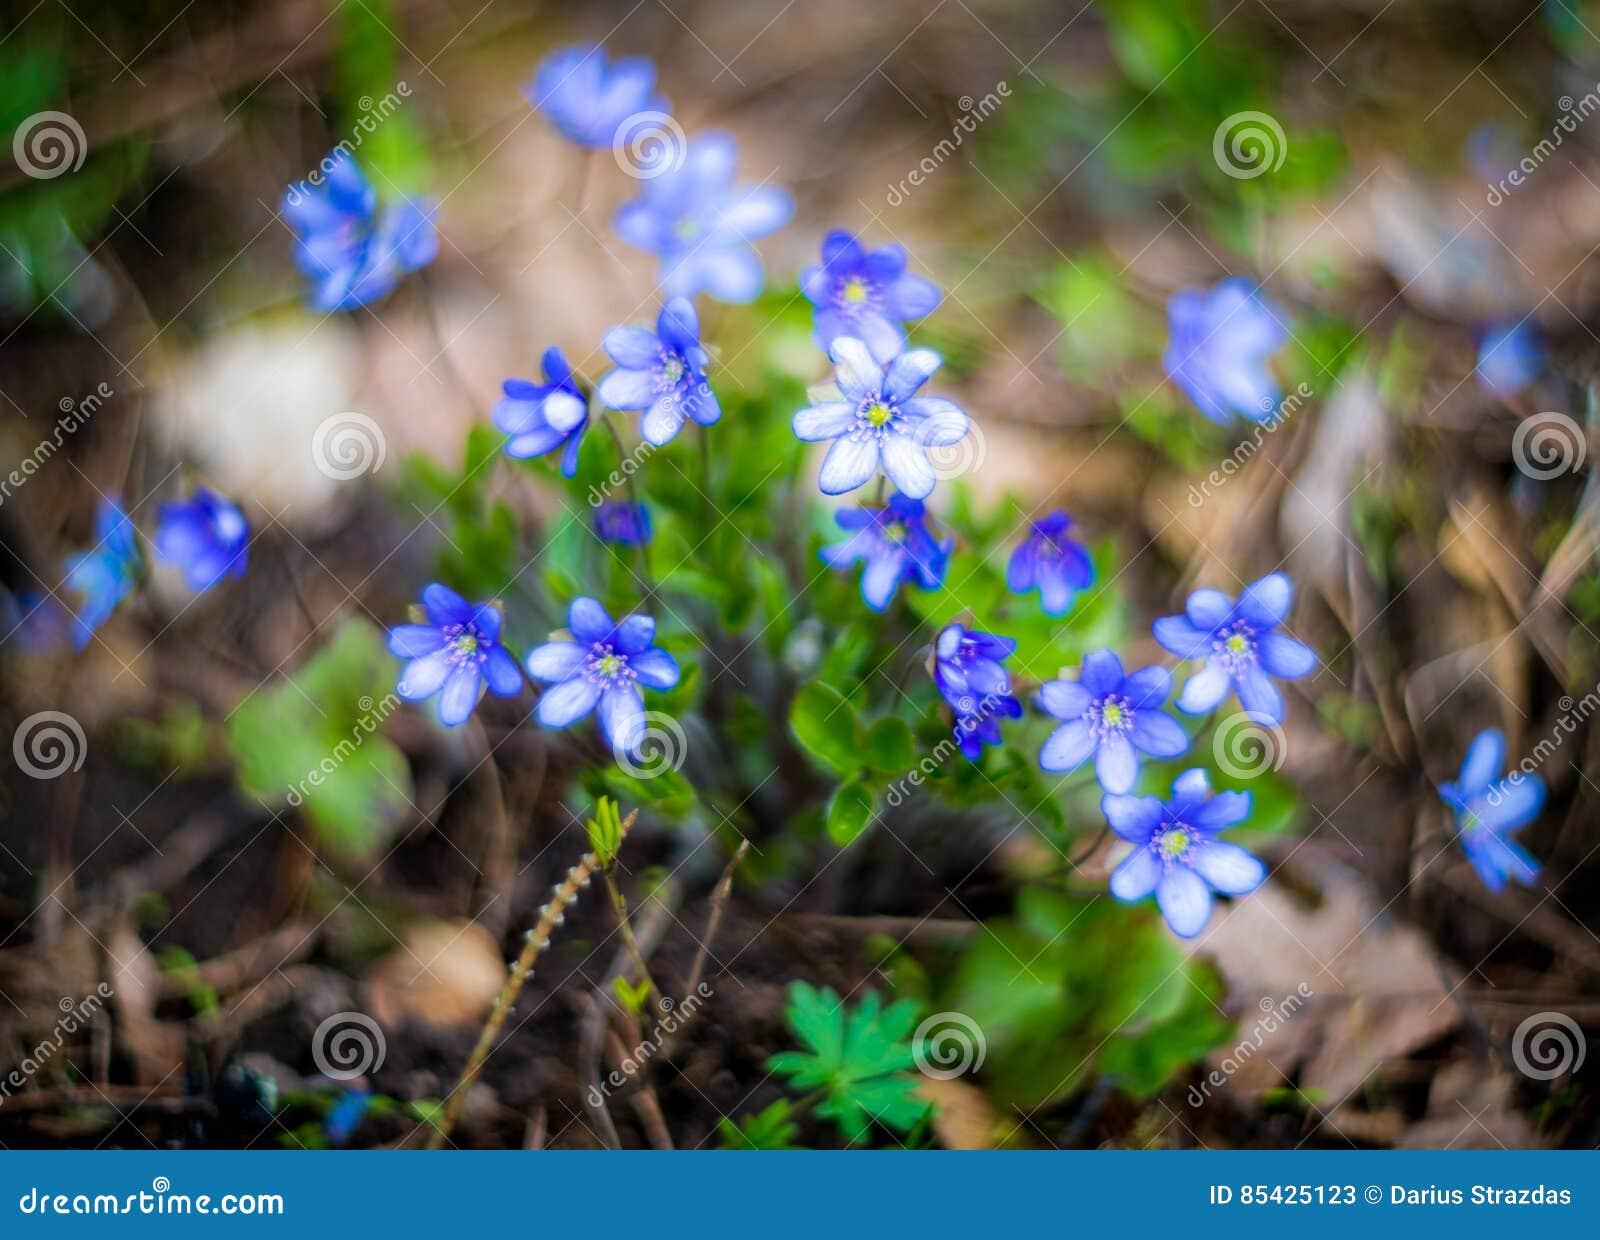 Spring wild violets